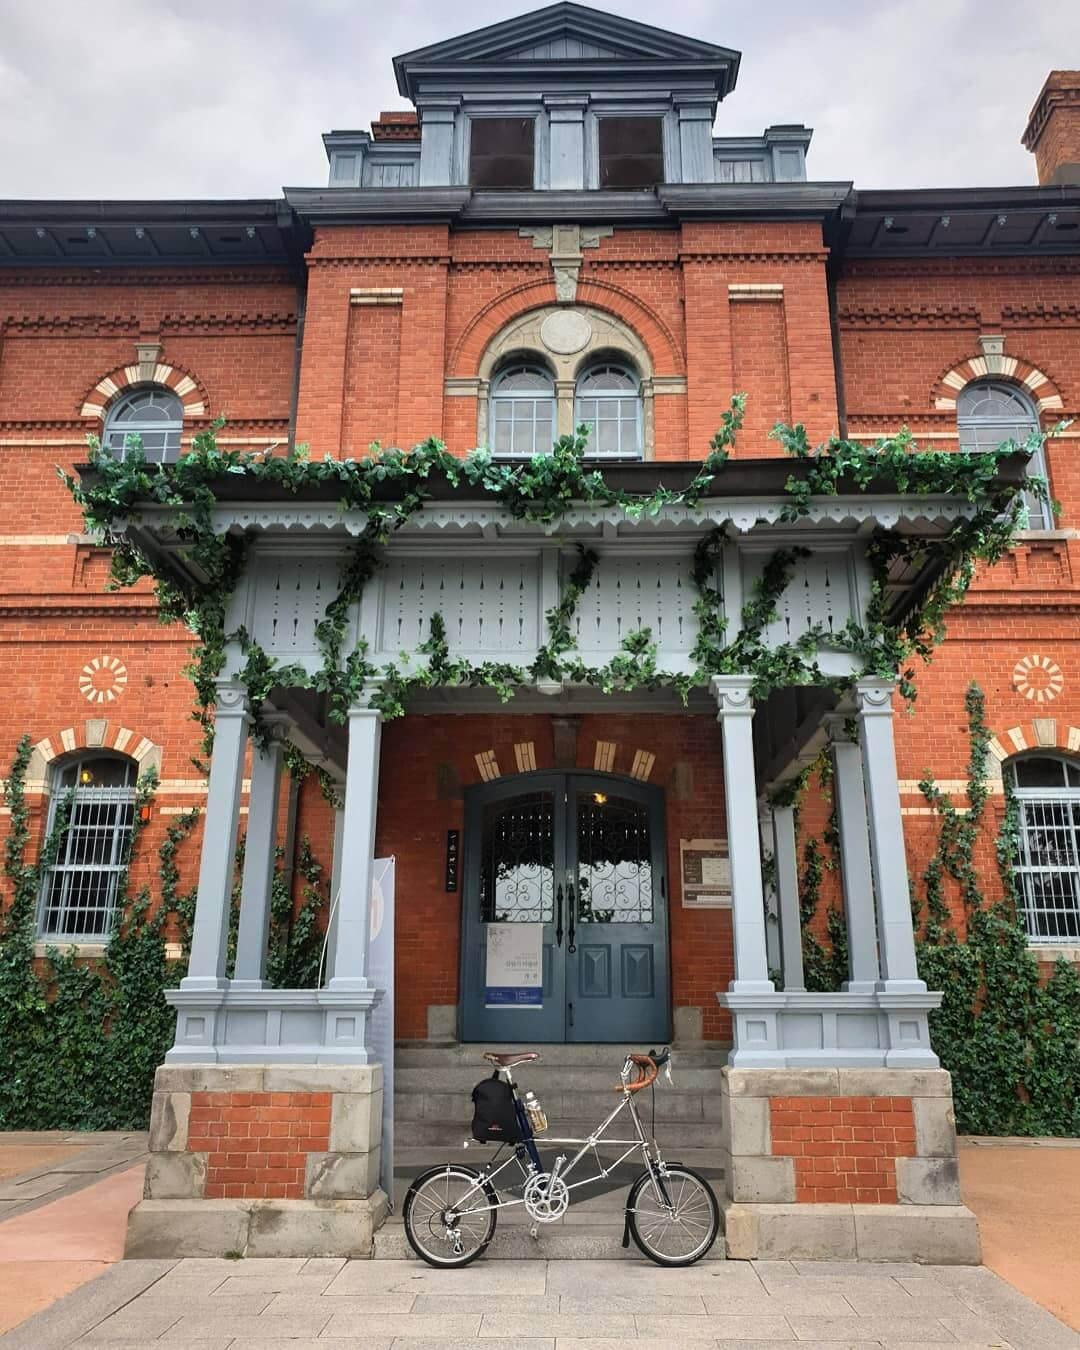 木浦有很多韓國文化資產,木浦近代歷史館就是其中之一。